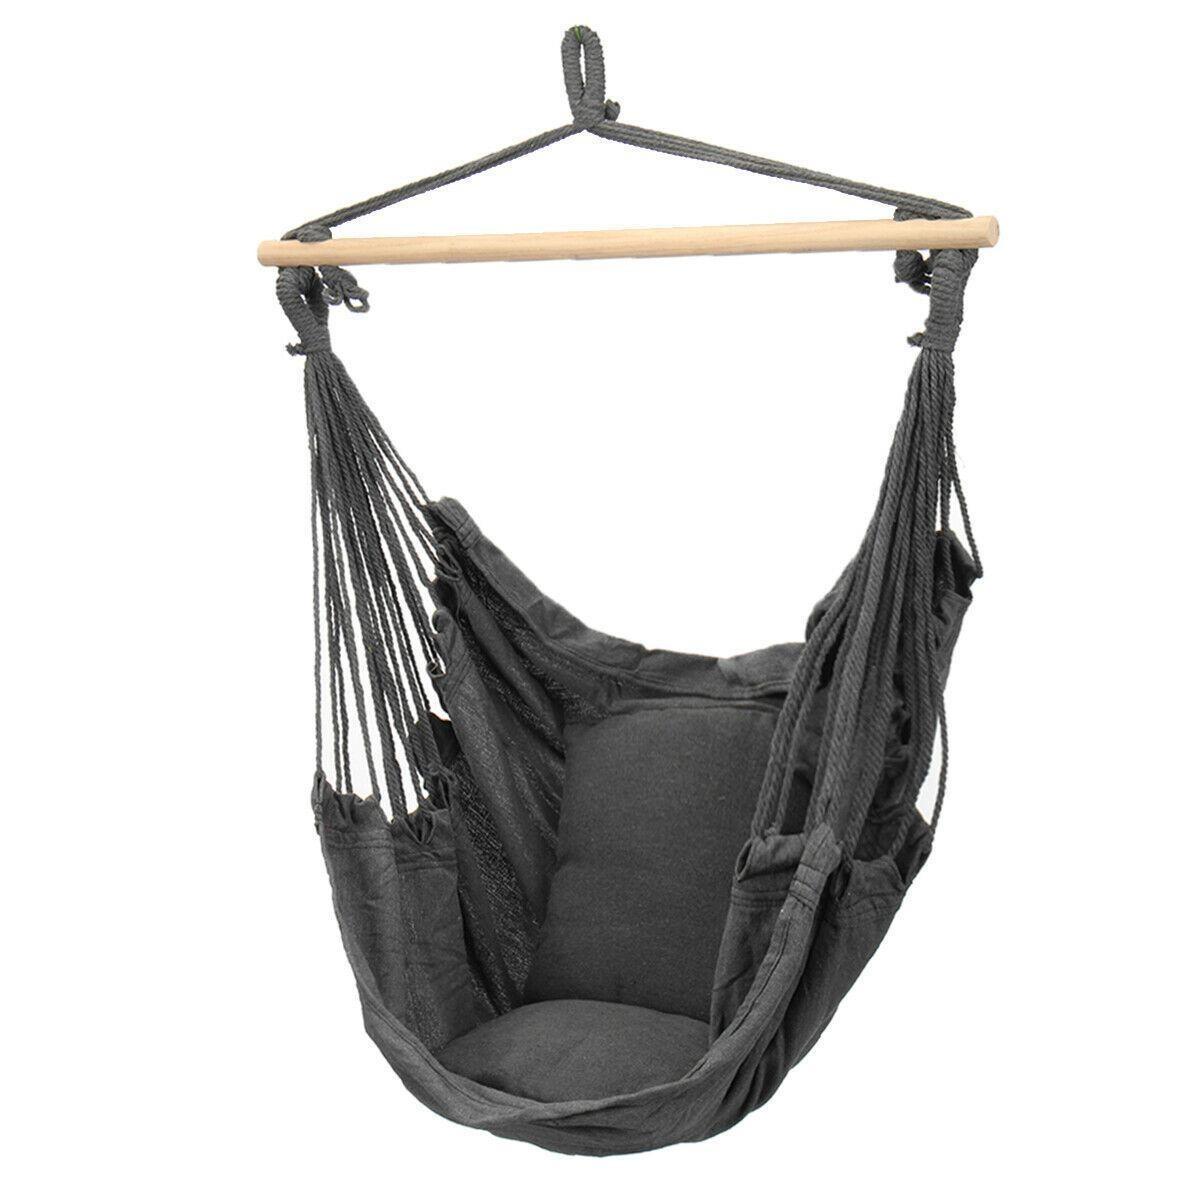 北欧スタイルハンモック屋外屋内ガーデン寮の寝室の吊椅子子供のための大人のスイングシングル安全椅子H402_画像3